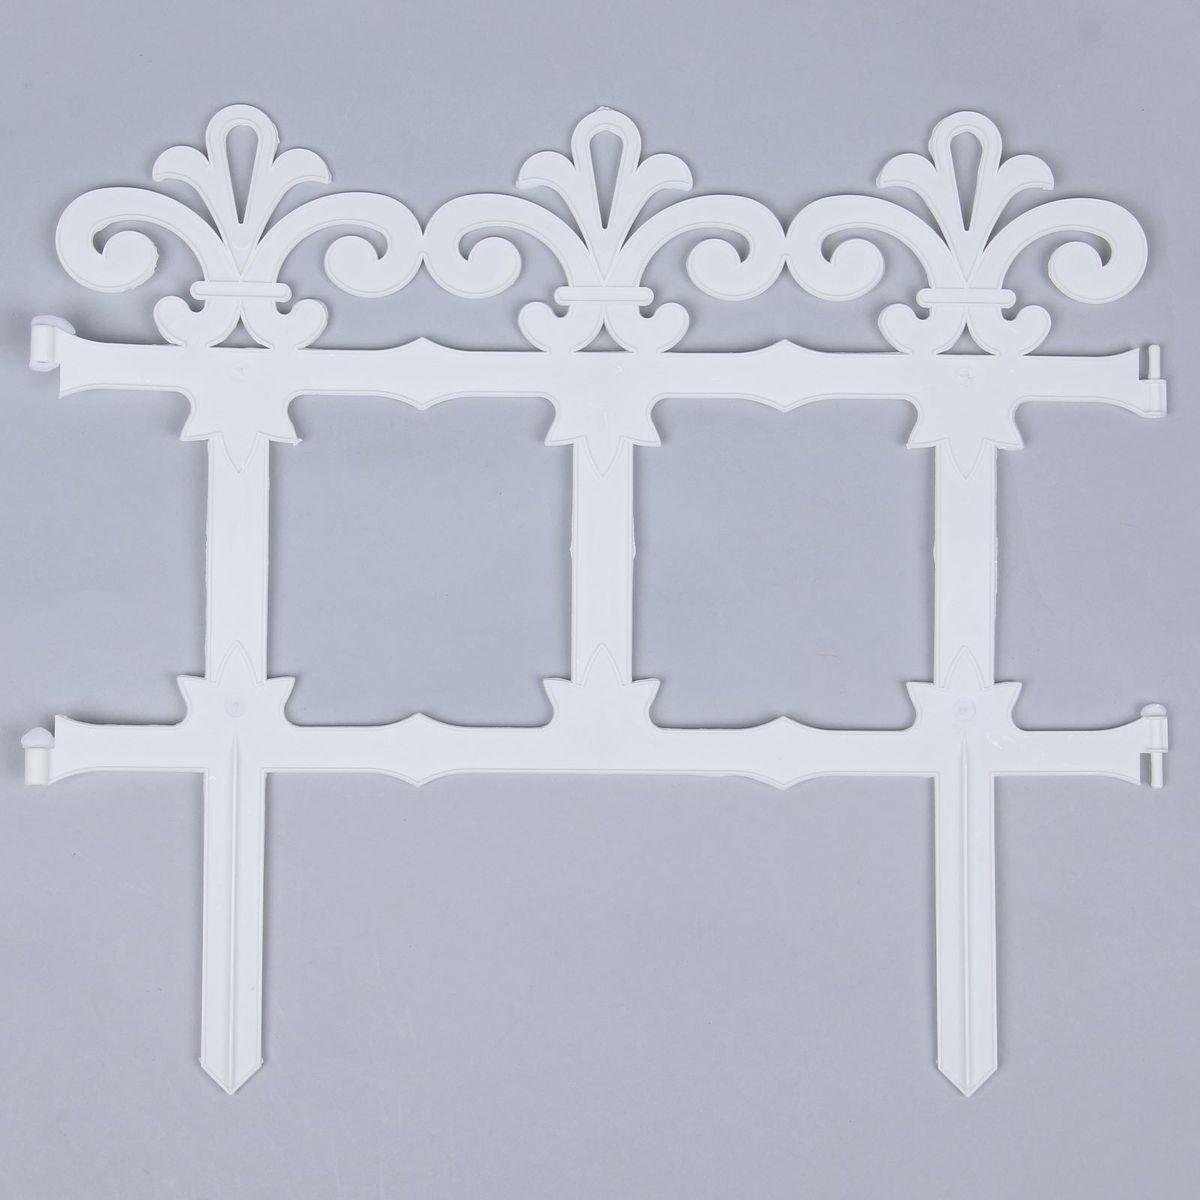 Ограждение садовое декоративное Кострома Пластик Роскошный сад, 7 секций, цвет: белый, 33 х 267 см цена